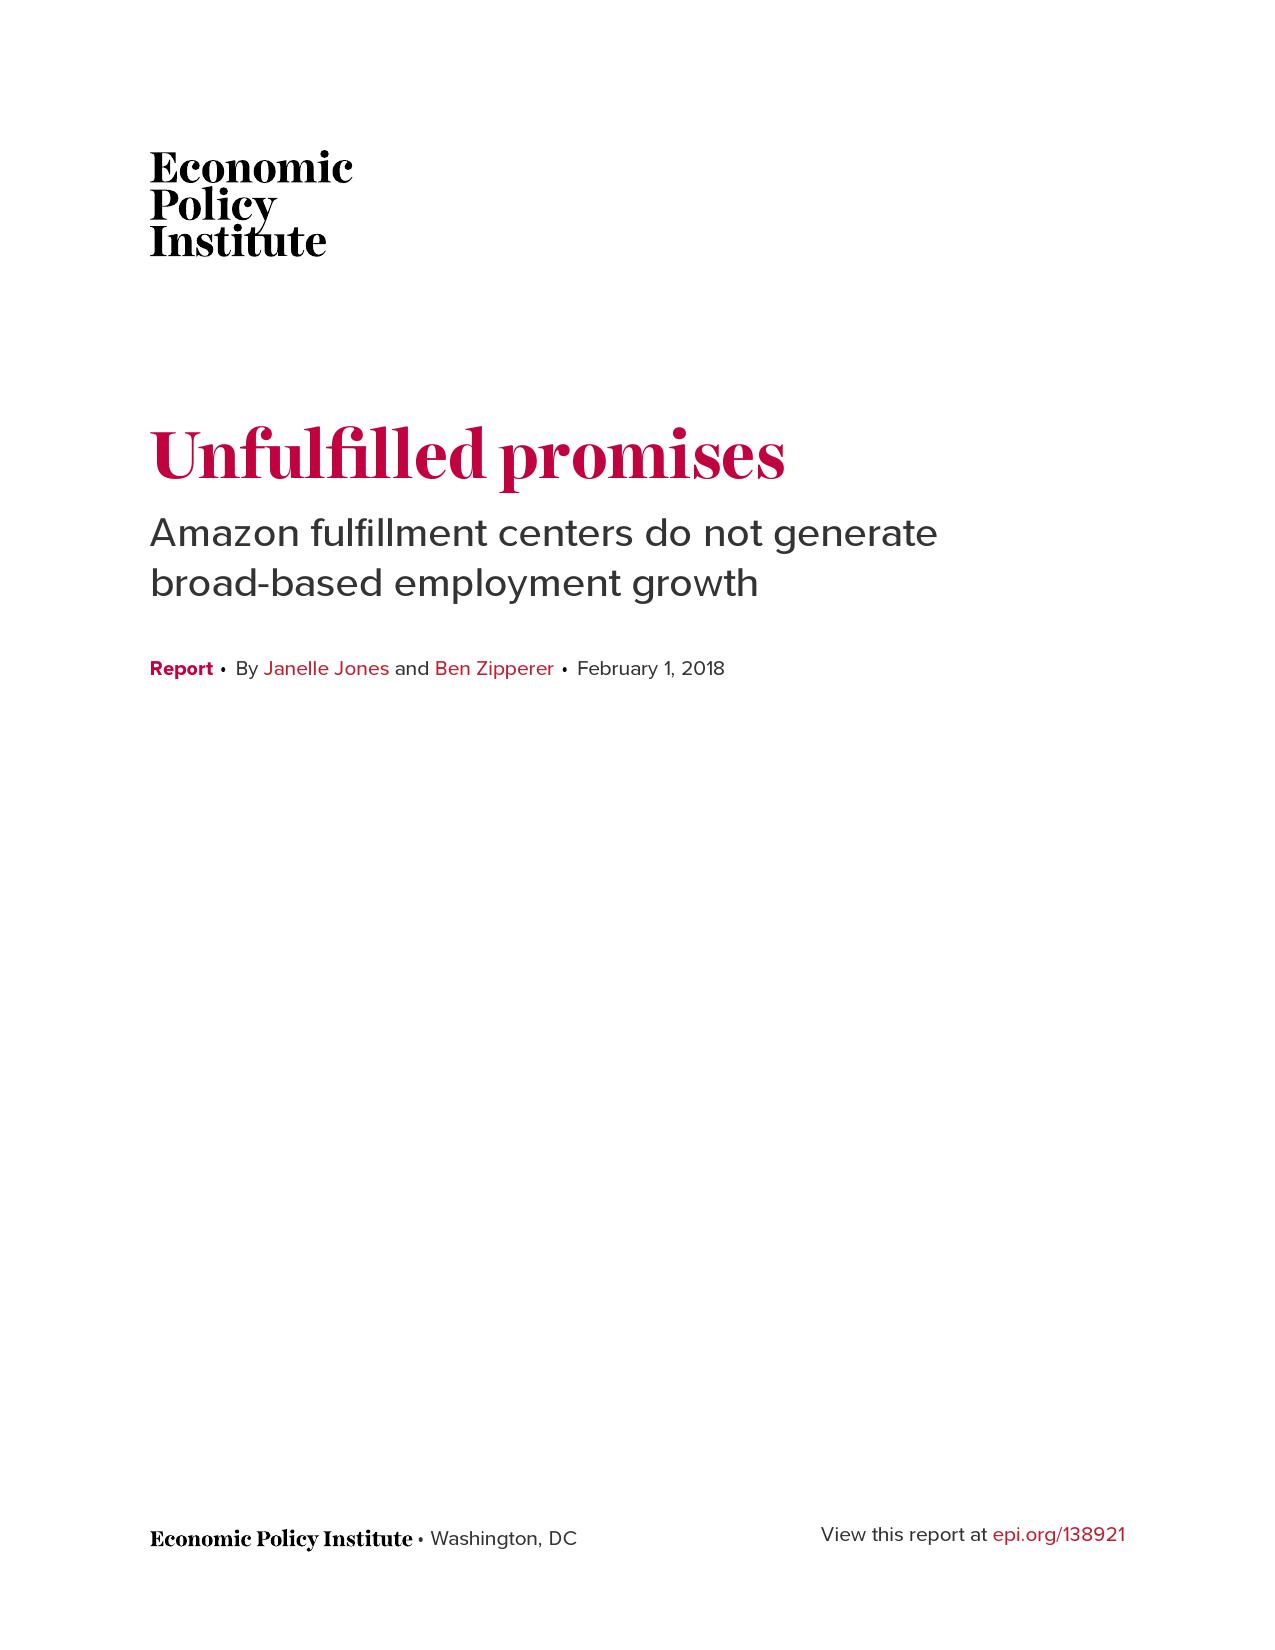 EPI:亚马逊运营中心并没有促使就业增长(附报告)